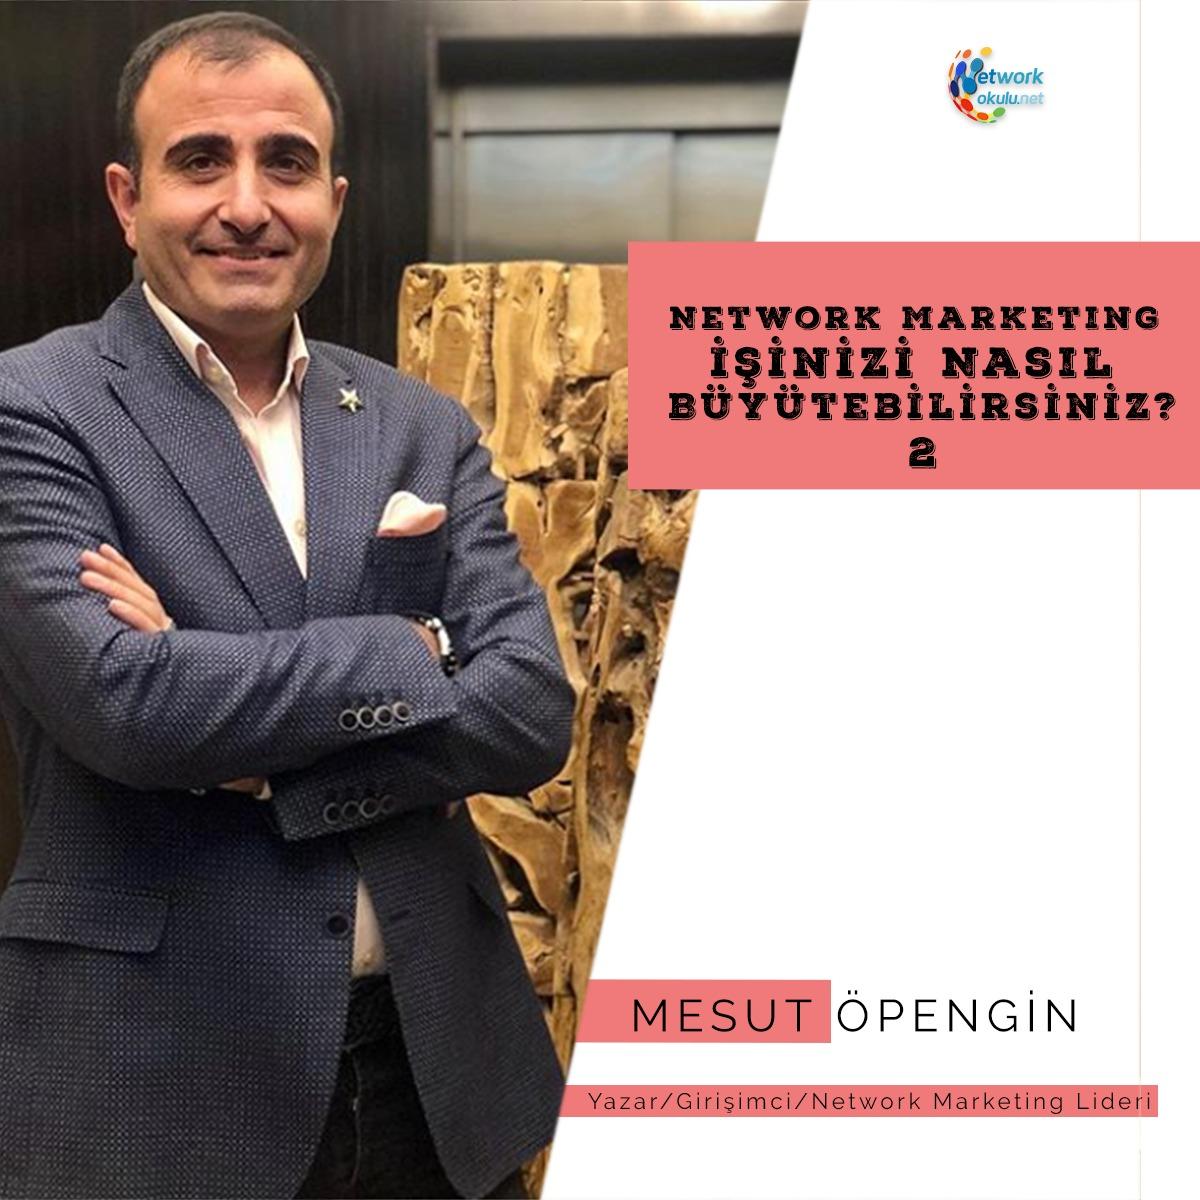 Mesut Öpengin - Müşterilerinizden oluşturacağınız satış veya müşteri ağına ilk olarak yakın çevrenizden başlamanızı tavsiye ederim.